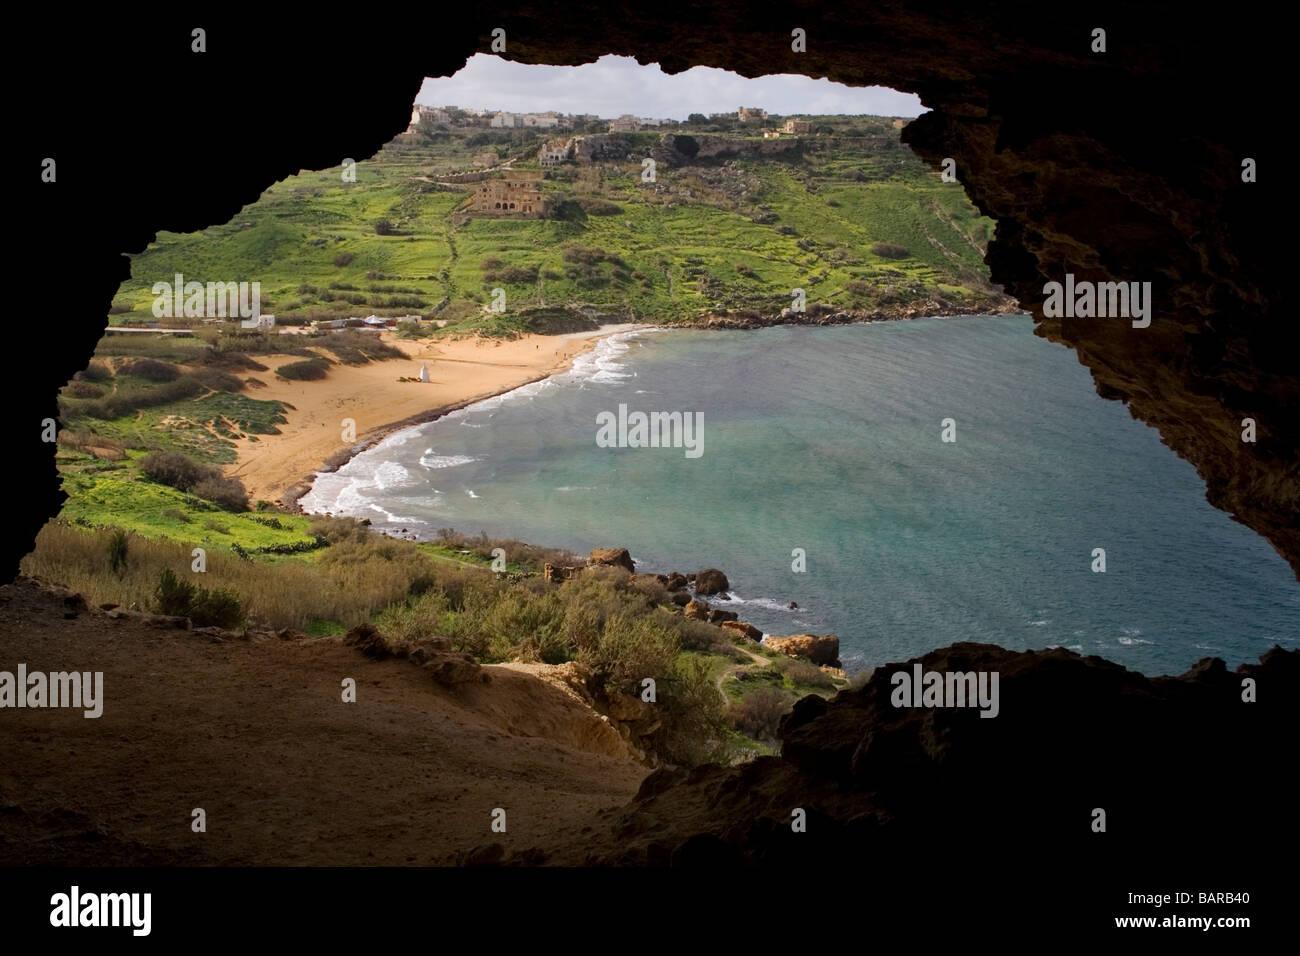 Ramla Bay, Gozo, come si vede da una grotta che si affaccia sulla spiaggia Immagini Stock